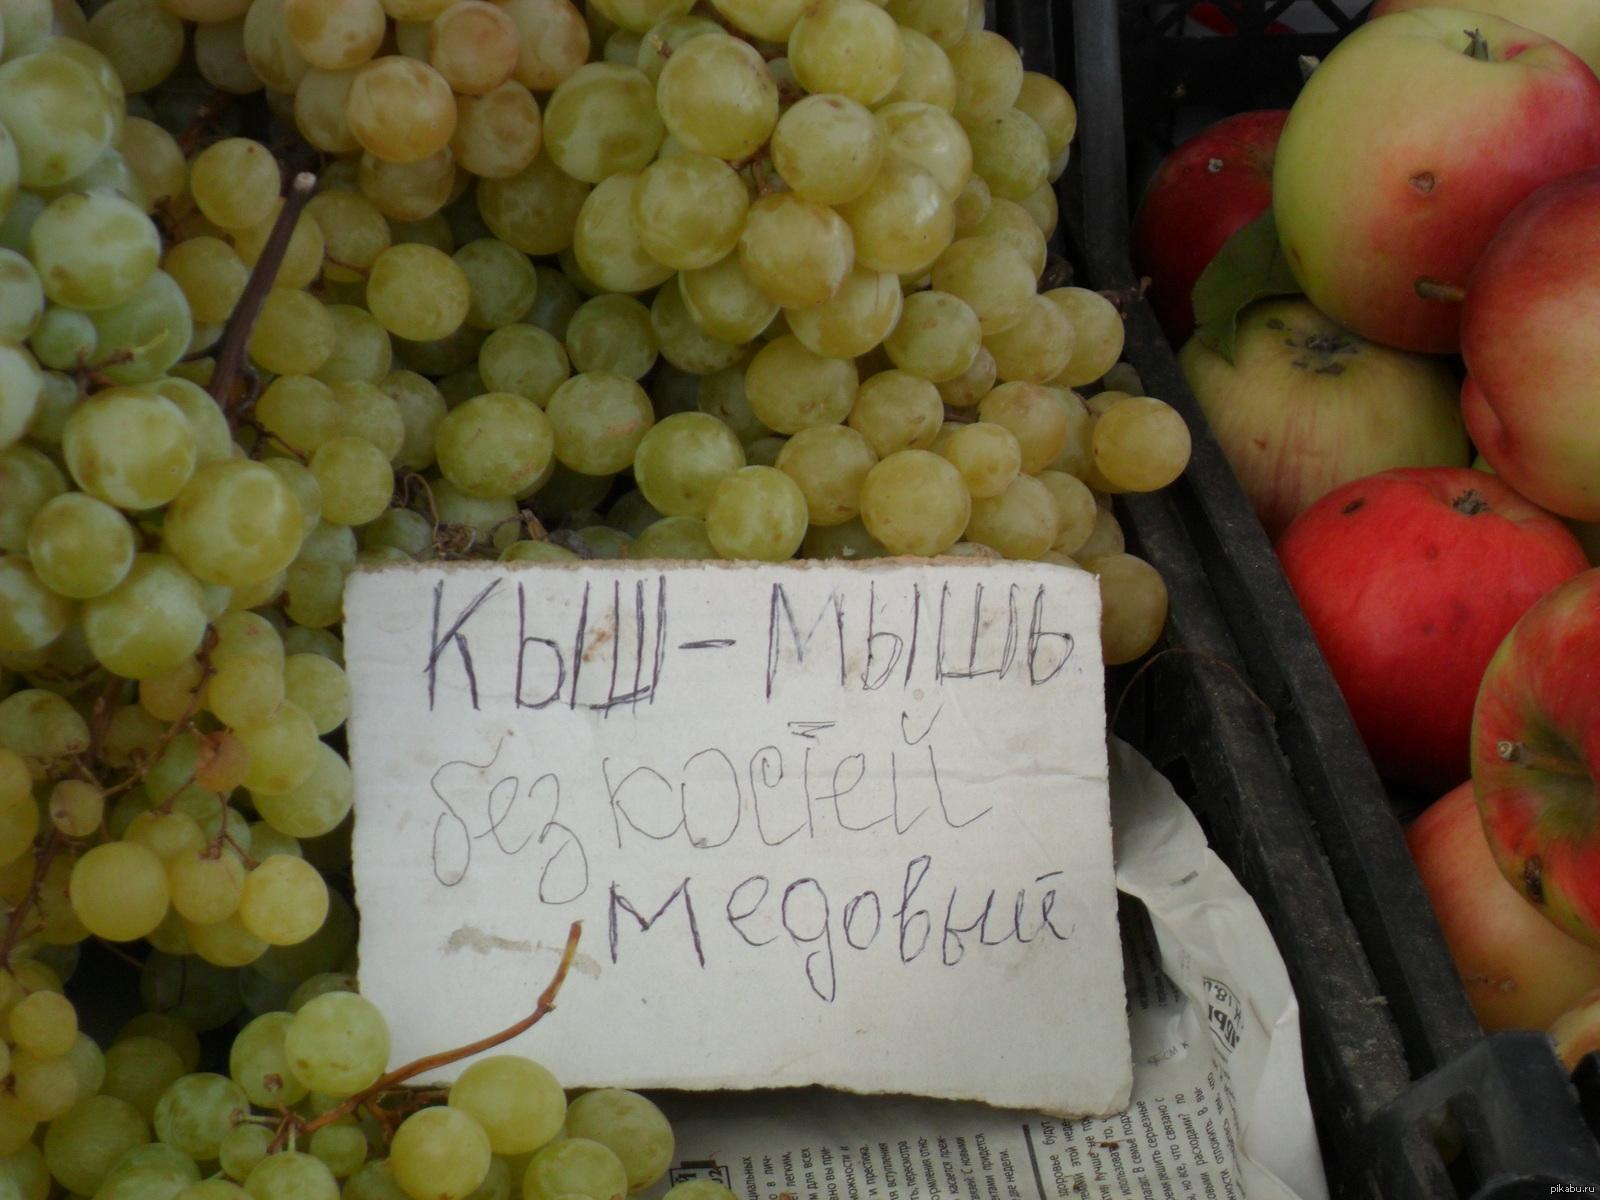 сегодняшний прикольные картинки про виноград монтажу фотообоев двери